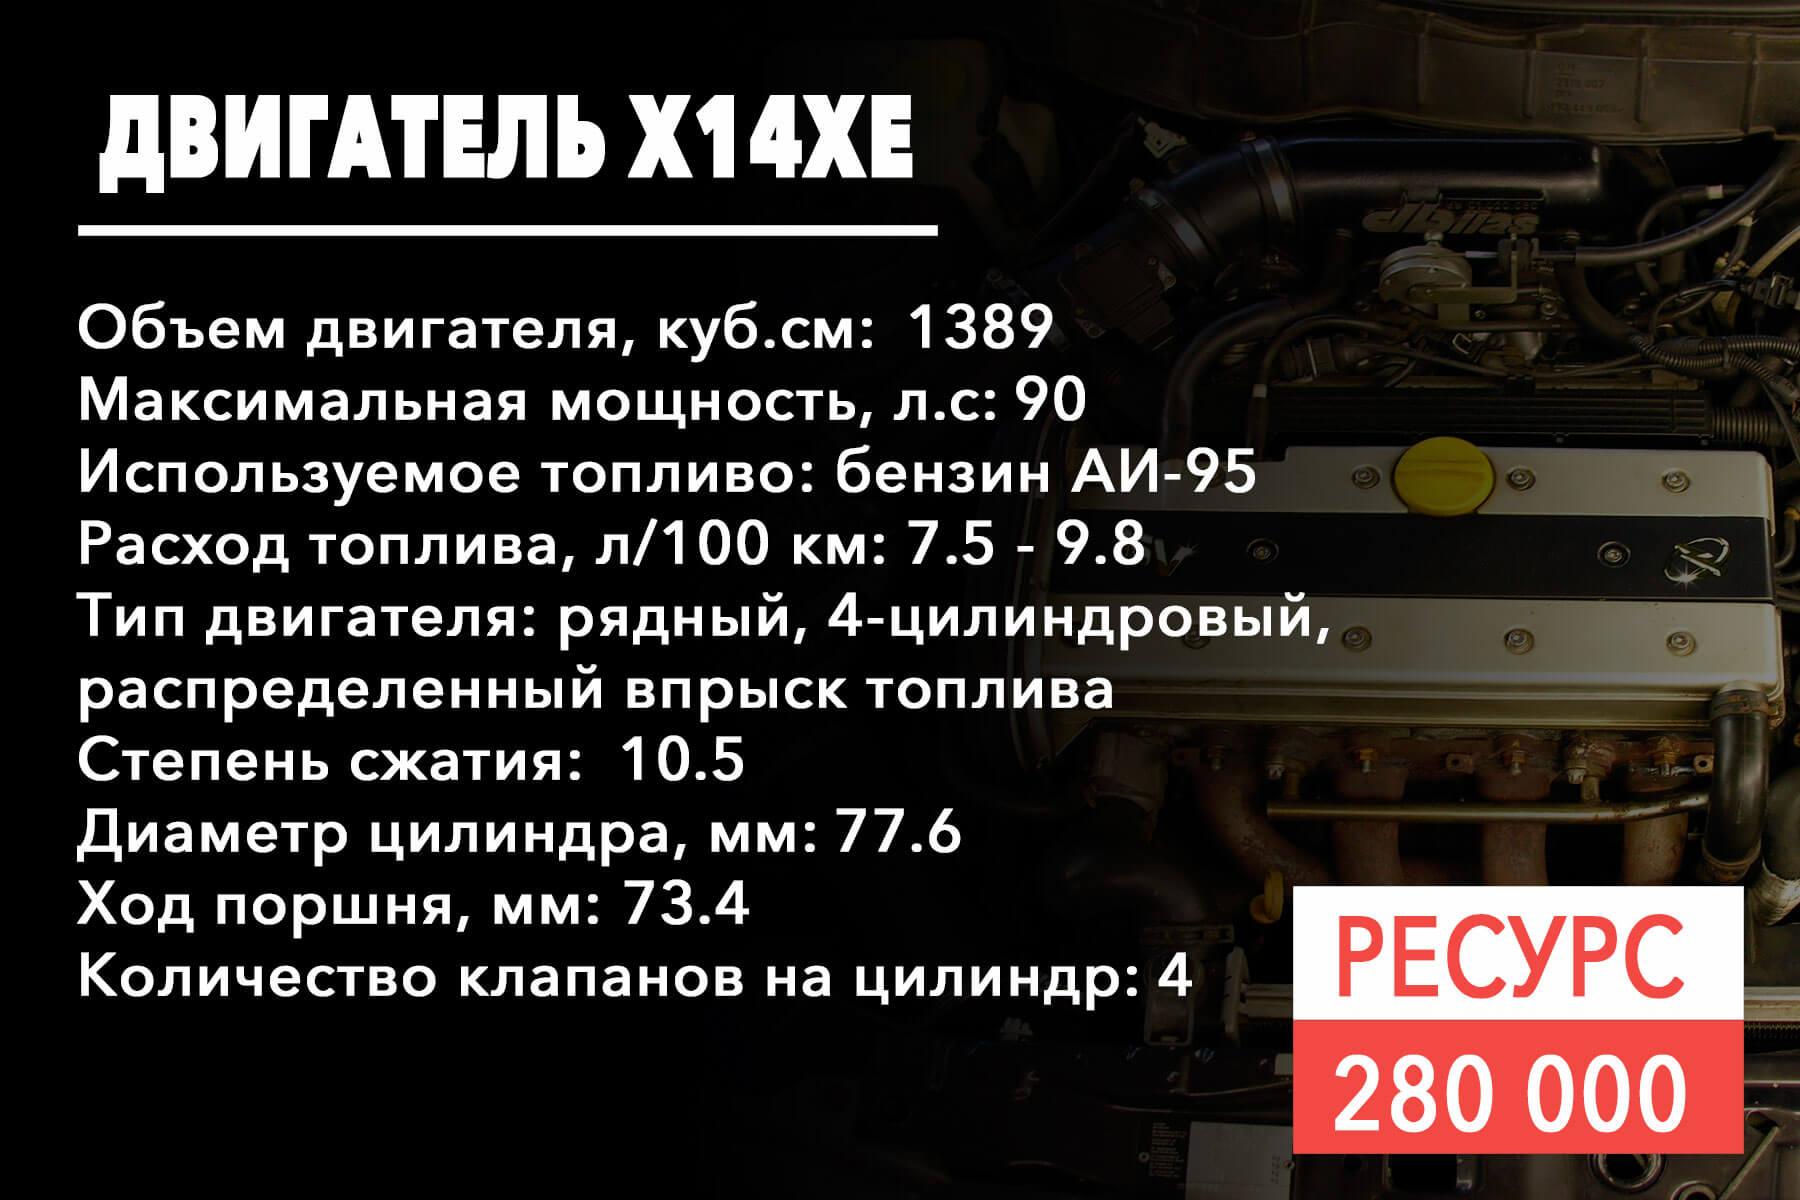 ресурс двигателя X14XE